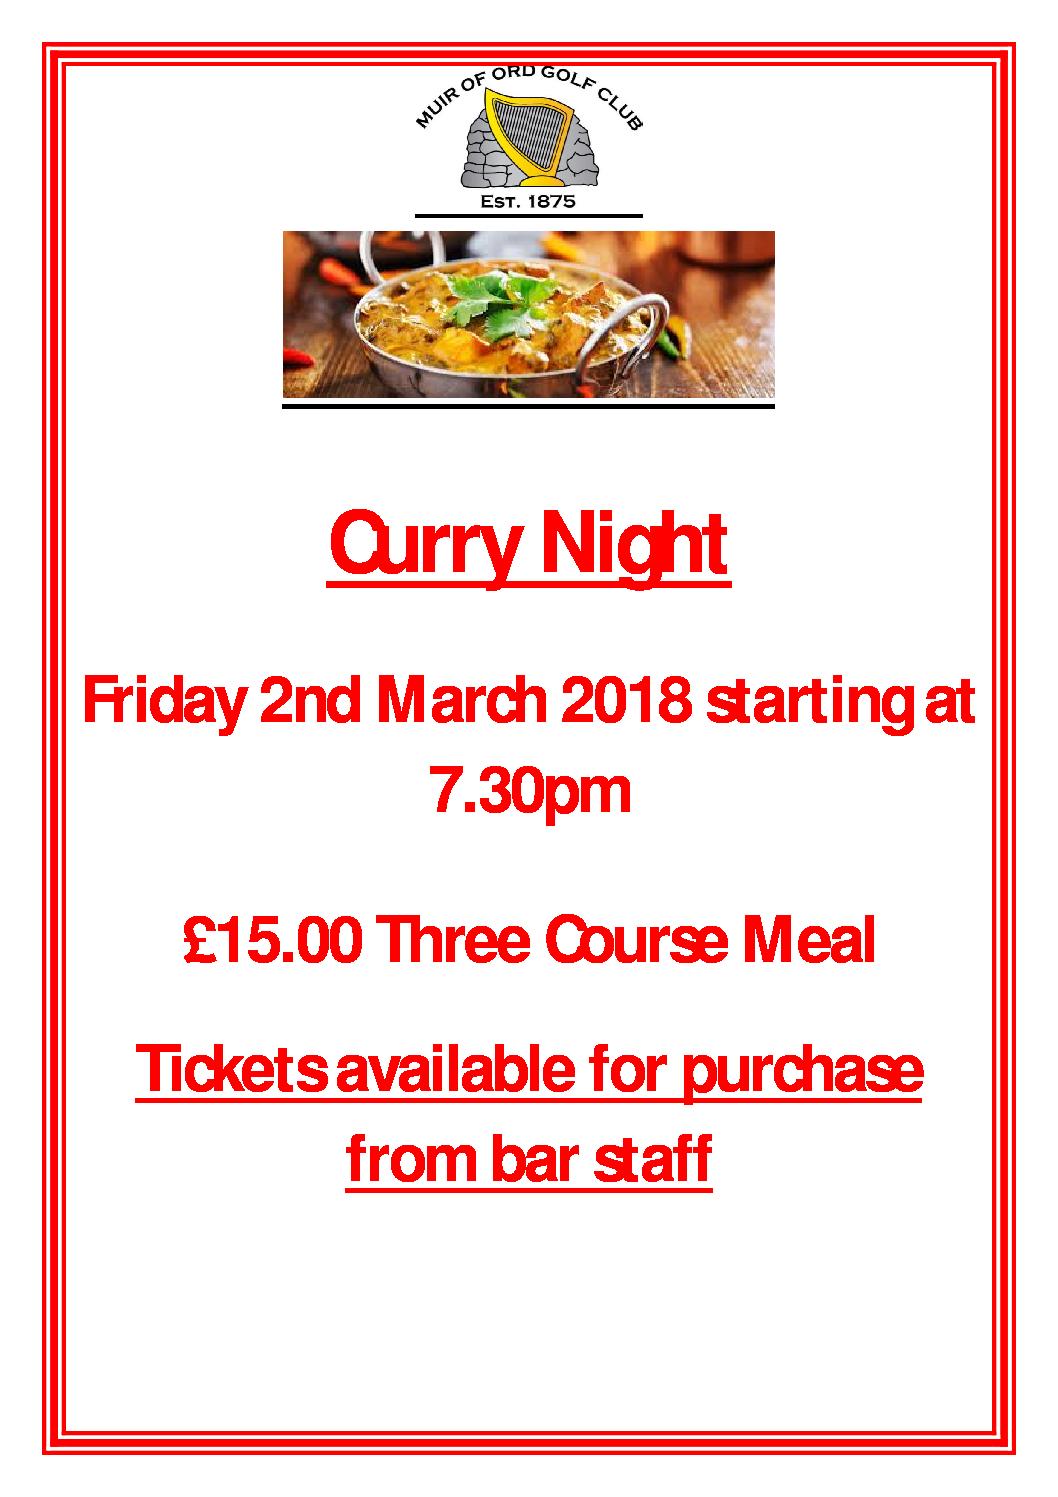 Muir of Ord Golf Club Curry Night